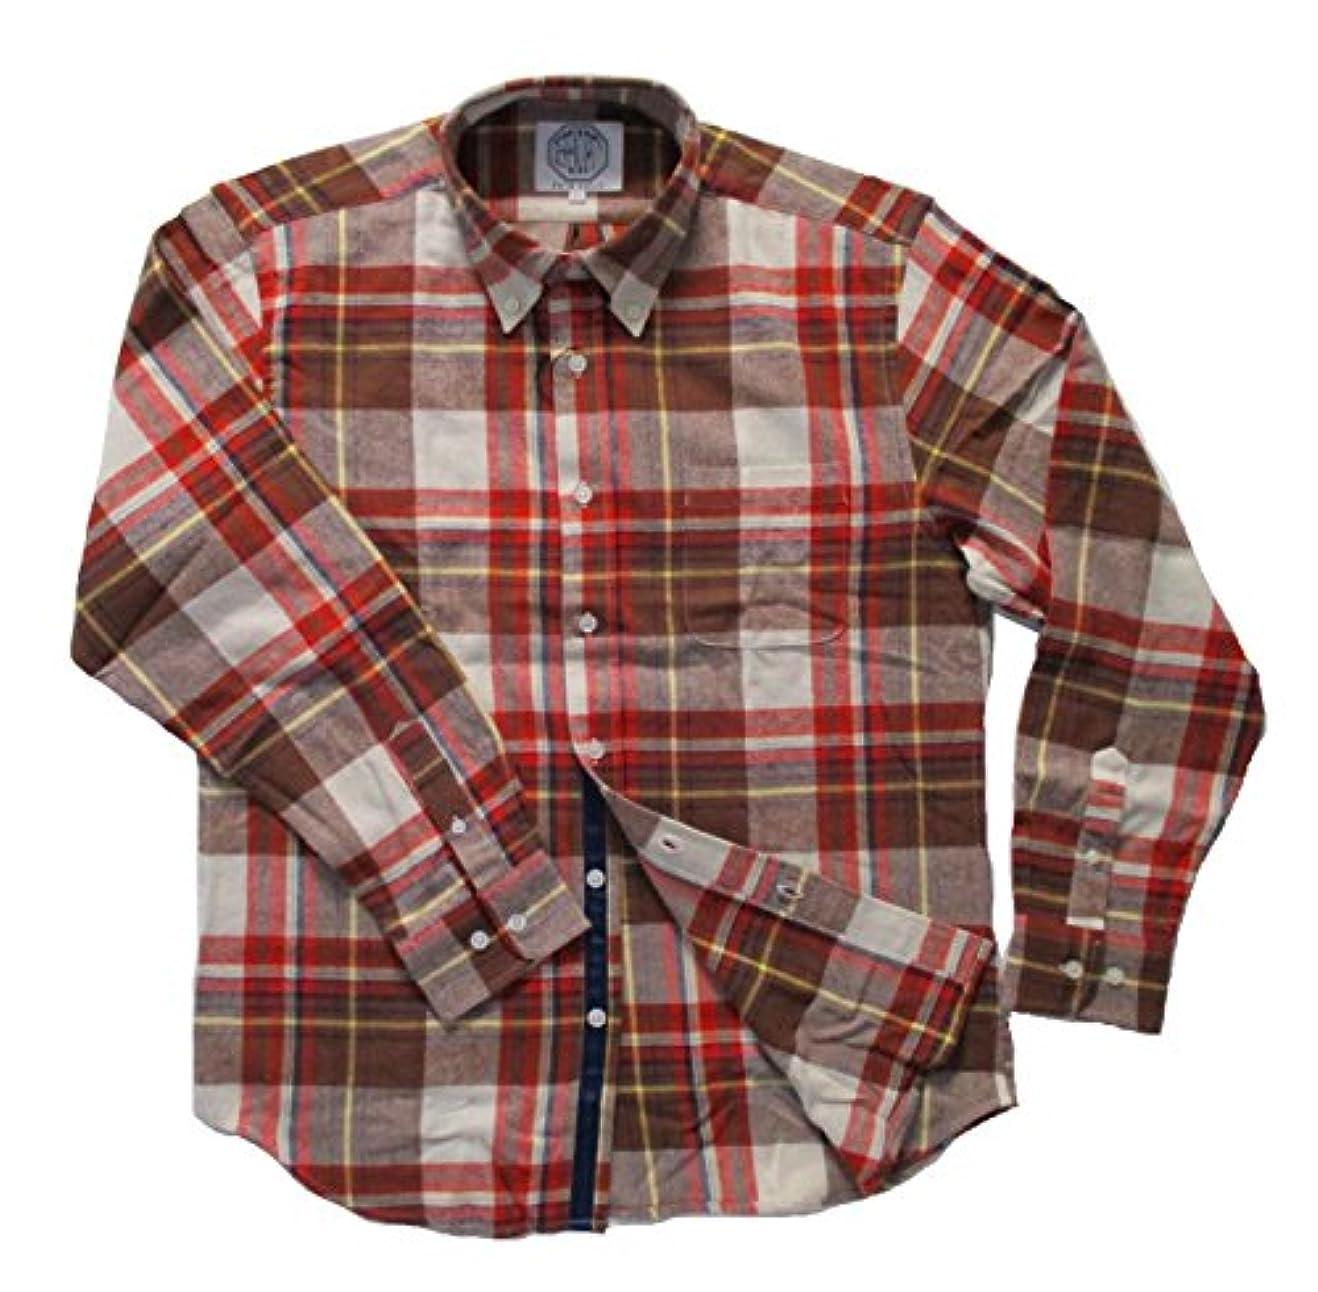 摘む解き明かすナイロン(フェアヴァリュー)FAIRVALUE  ネルシャツ 長袖 ボタンダウンシャツ 綿100% 細身 (LL, レッド系)